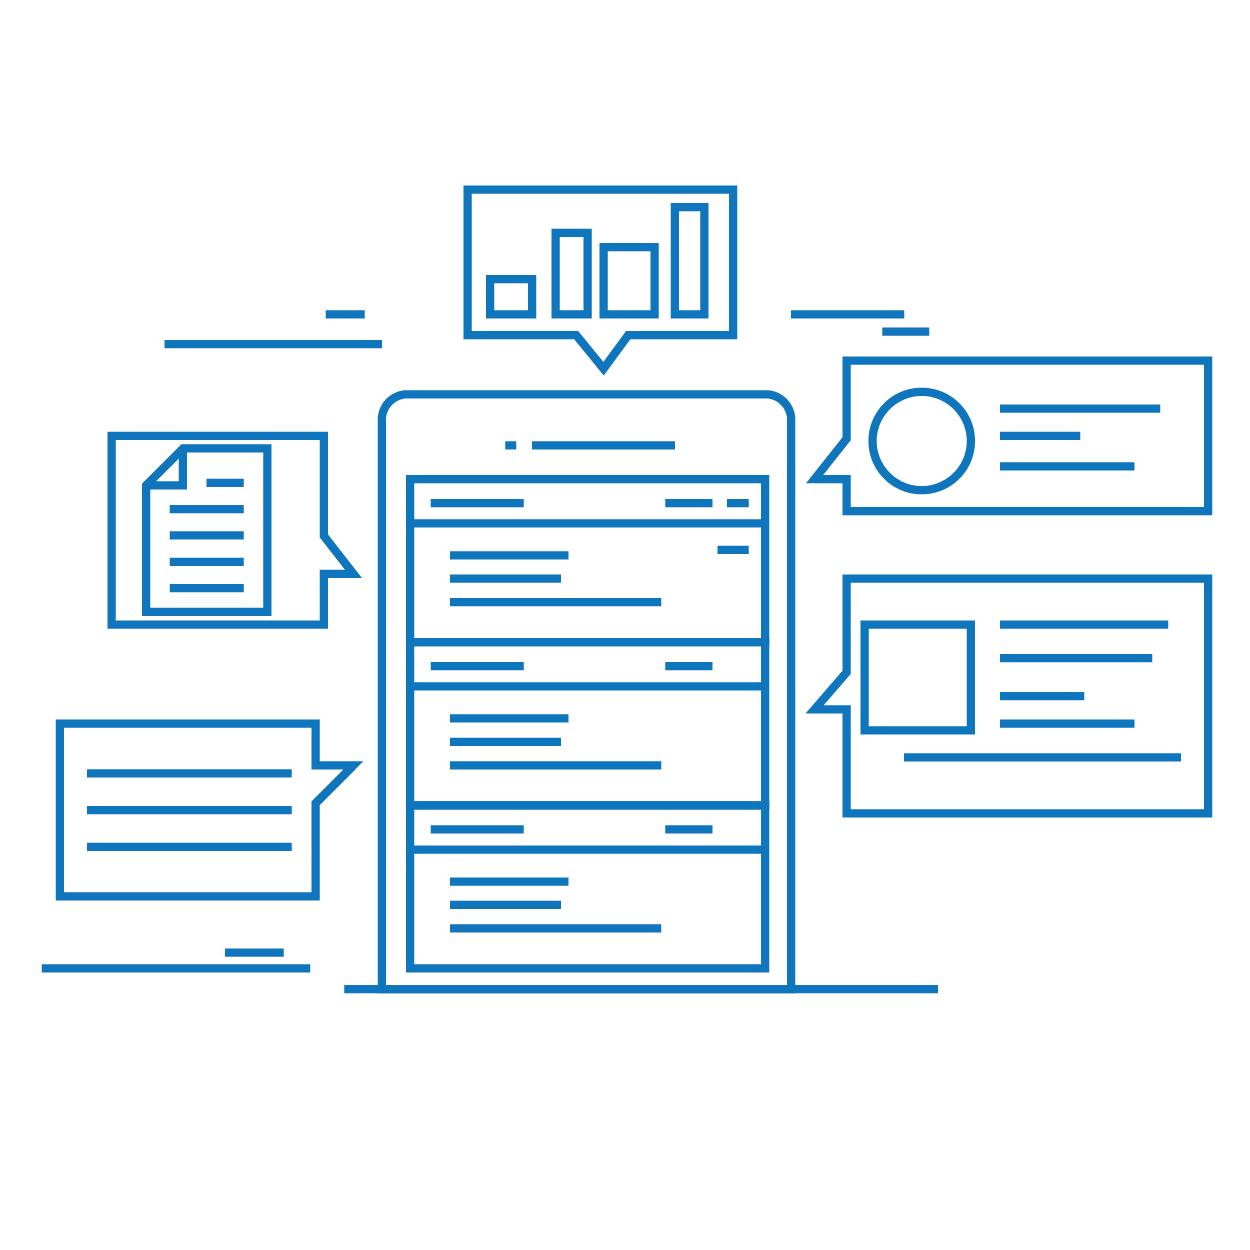 Internal Help Desk Software Support Desk Software Help Sumo In 2020 Software Support Latest Technology Trends Technology Trends